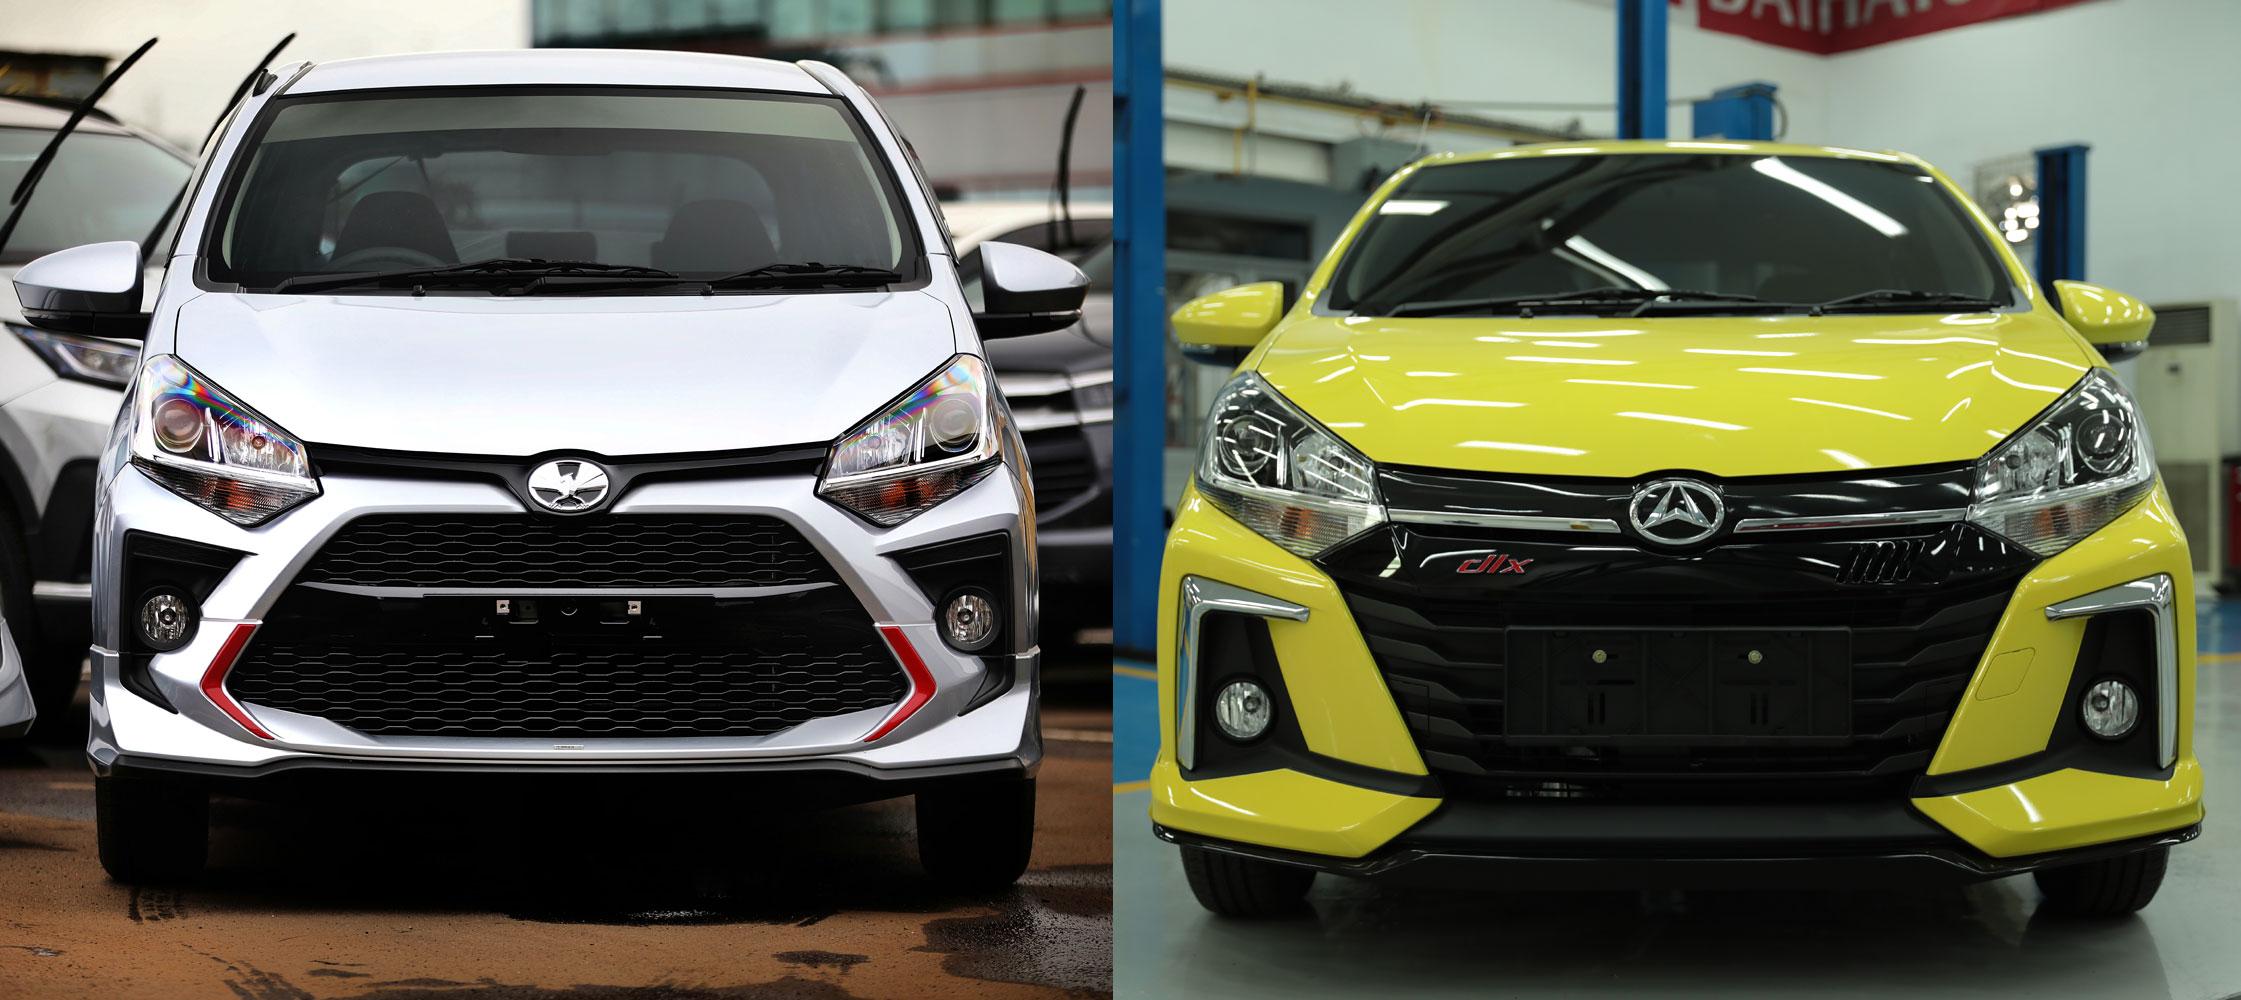 Si Kembar Toyota New Agya dan New Daihatsu Ayla, Apa Bedanya?